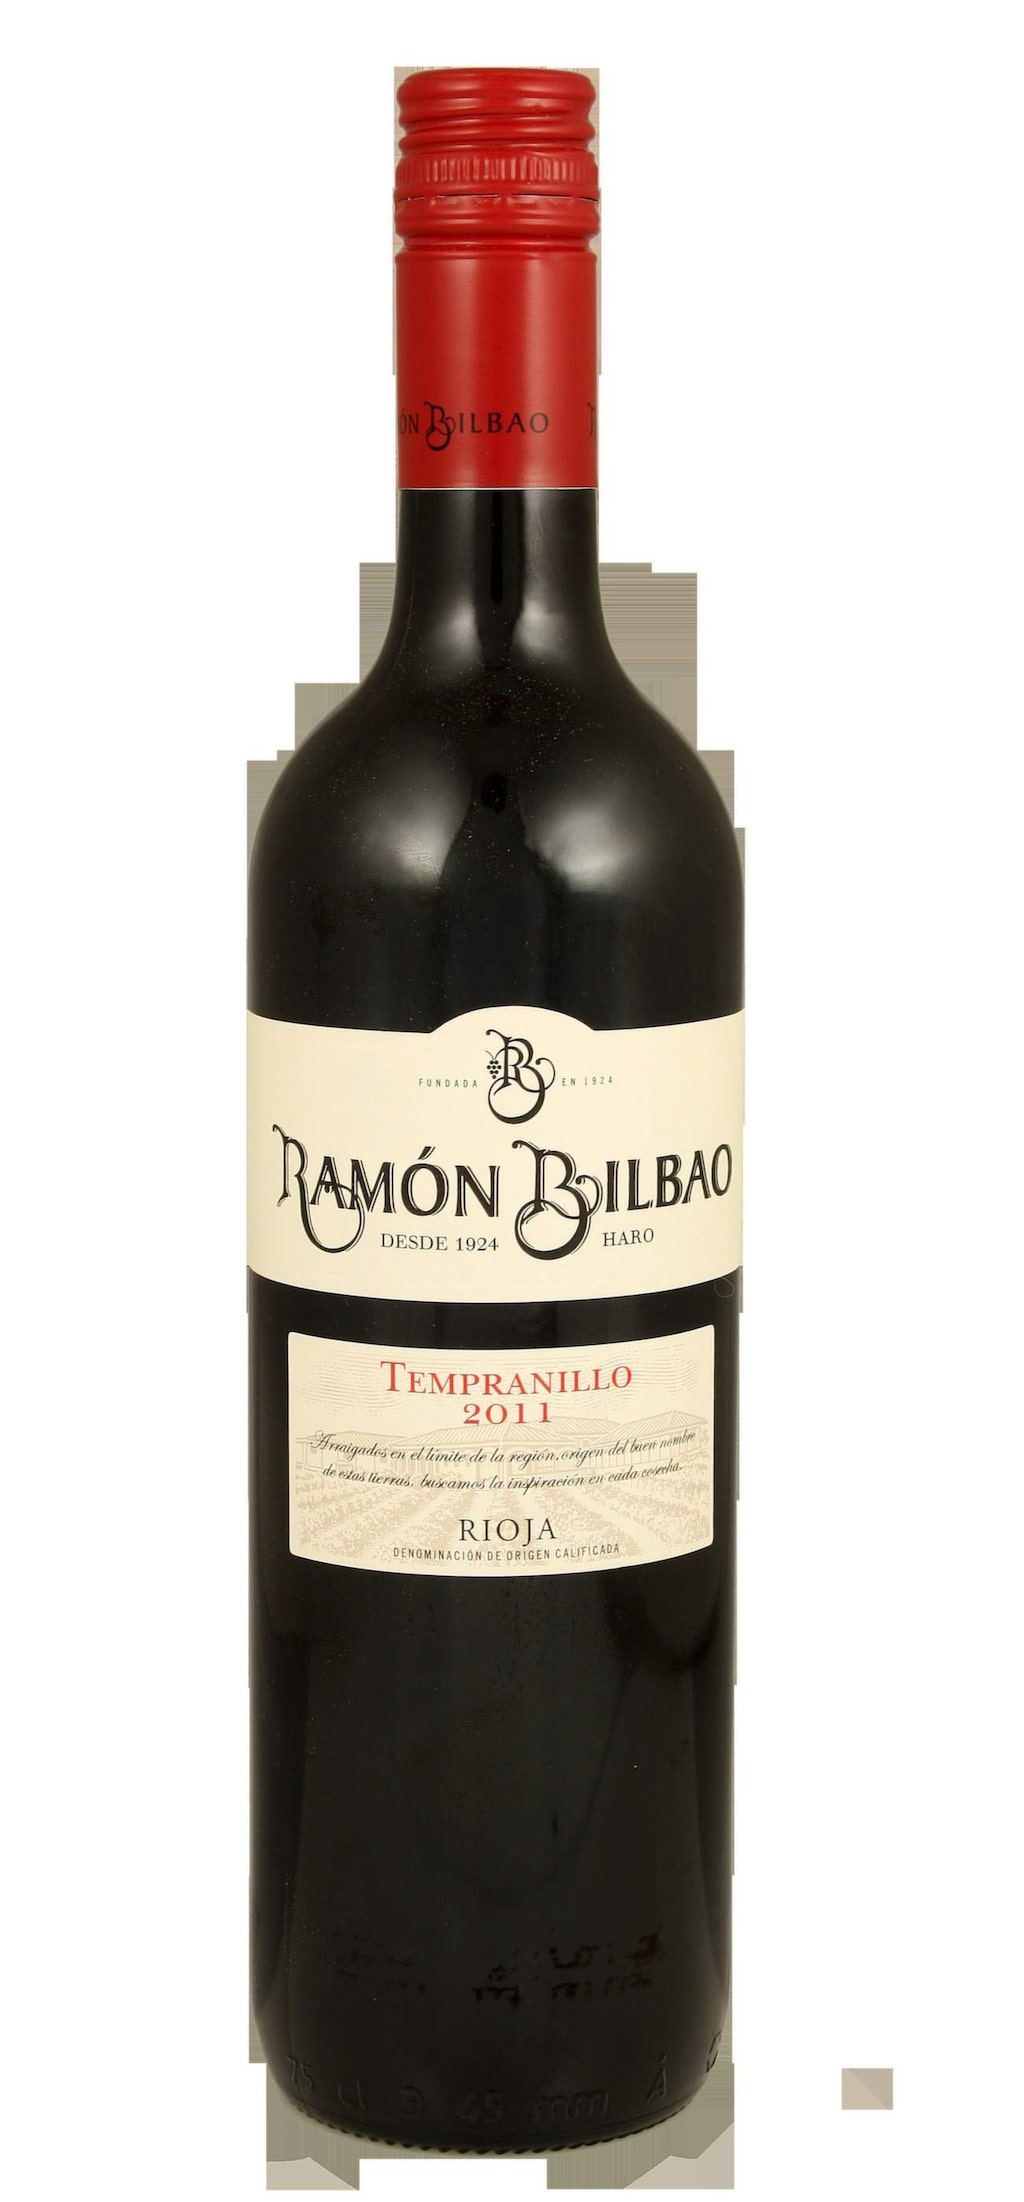 """<strong>Ramón Bilbao Tempranillo 2012</strong><br>(6698) Spanien, 65 kronor<br>Rioja-vin toner av mogna hallon och lätt inslag av vanilj. Gott till exempelvis lammfärsbullar i kryddig sås.<br><exp:icon type=""""wasp""""></exp:icon><exp:icon type=""""wasp""""></exp:icon><exp:icon type=""""wasp""""></exp:icon><exp:icon type=""""wasp""""></exp:icon>"""